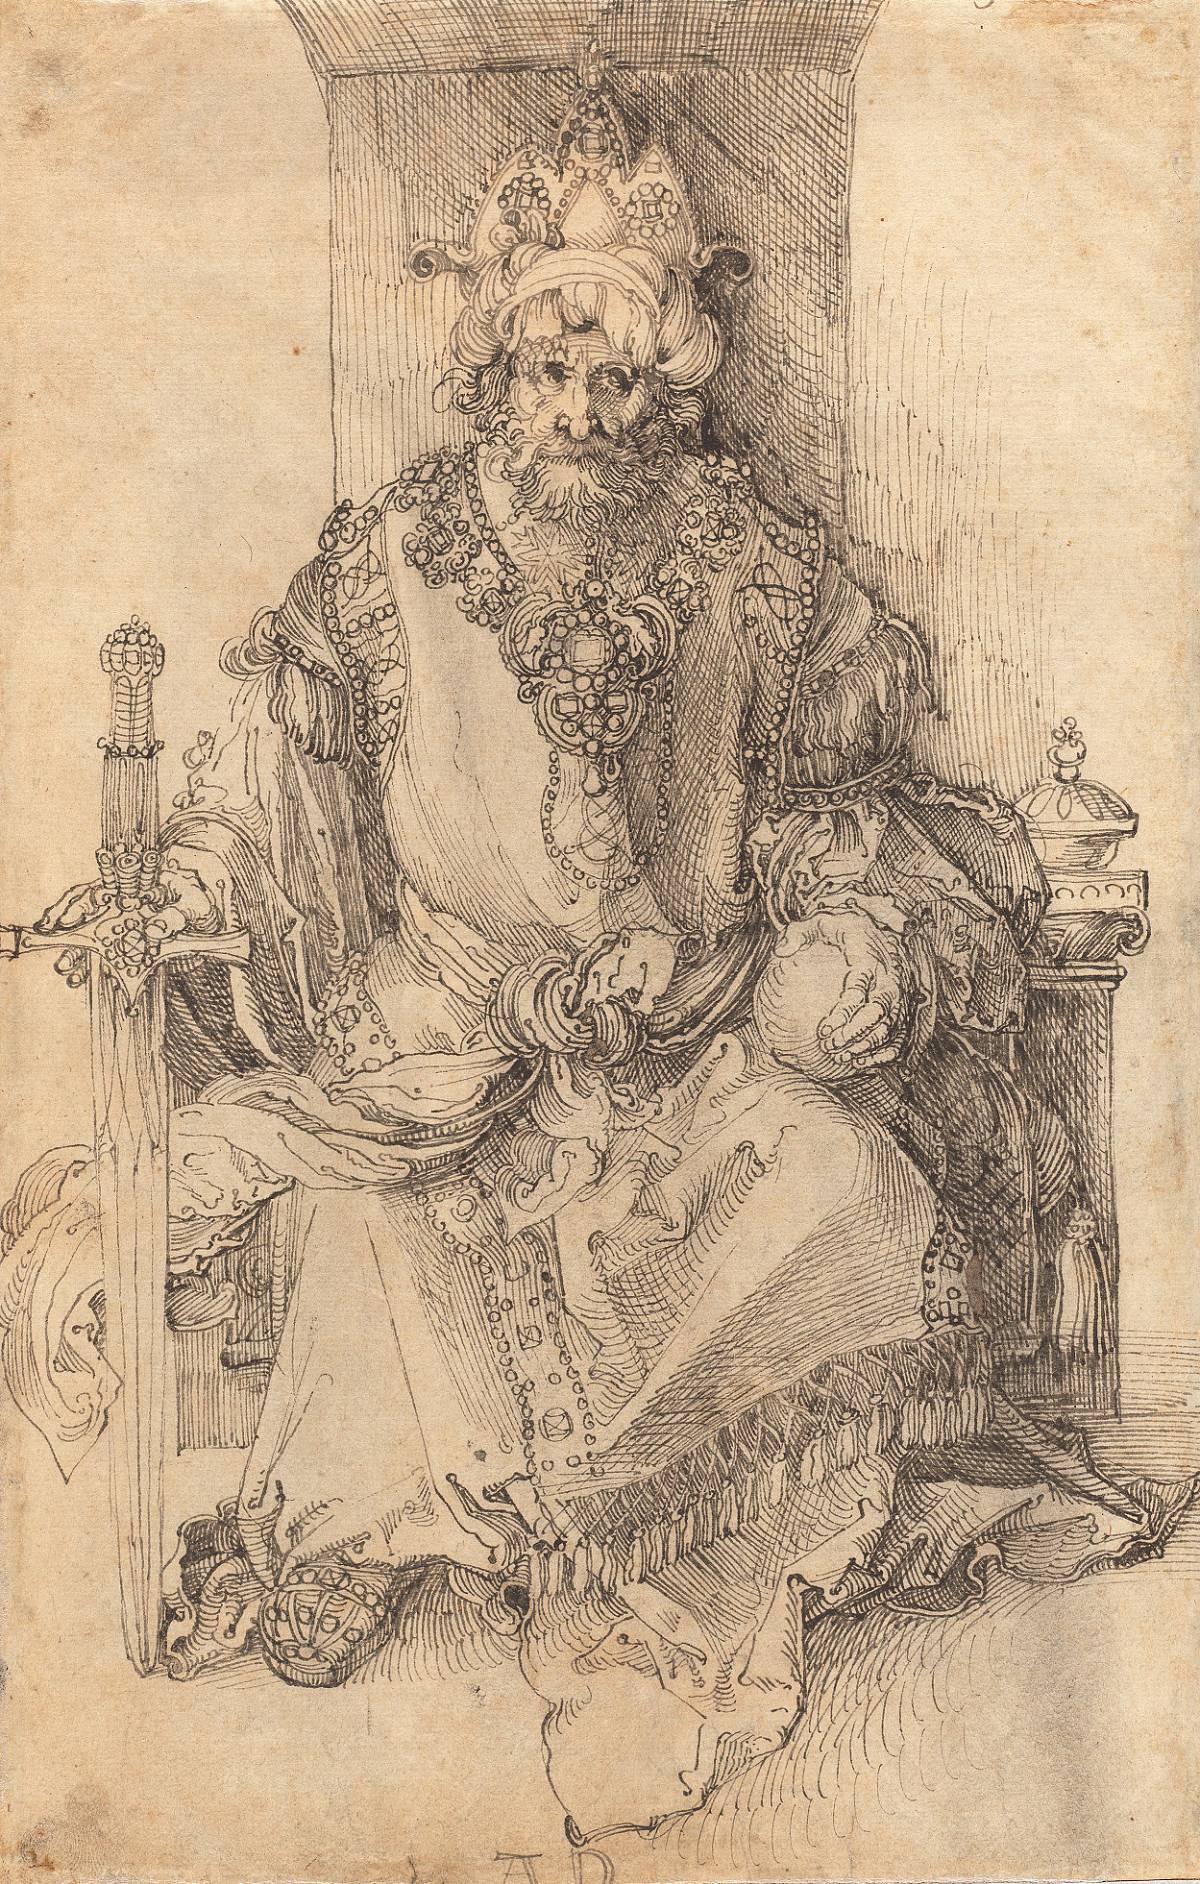 Albrecht Durer: un sovrano orientale seduto sul suo trono, c. 1495